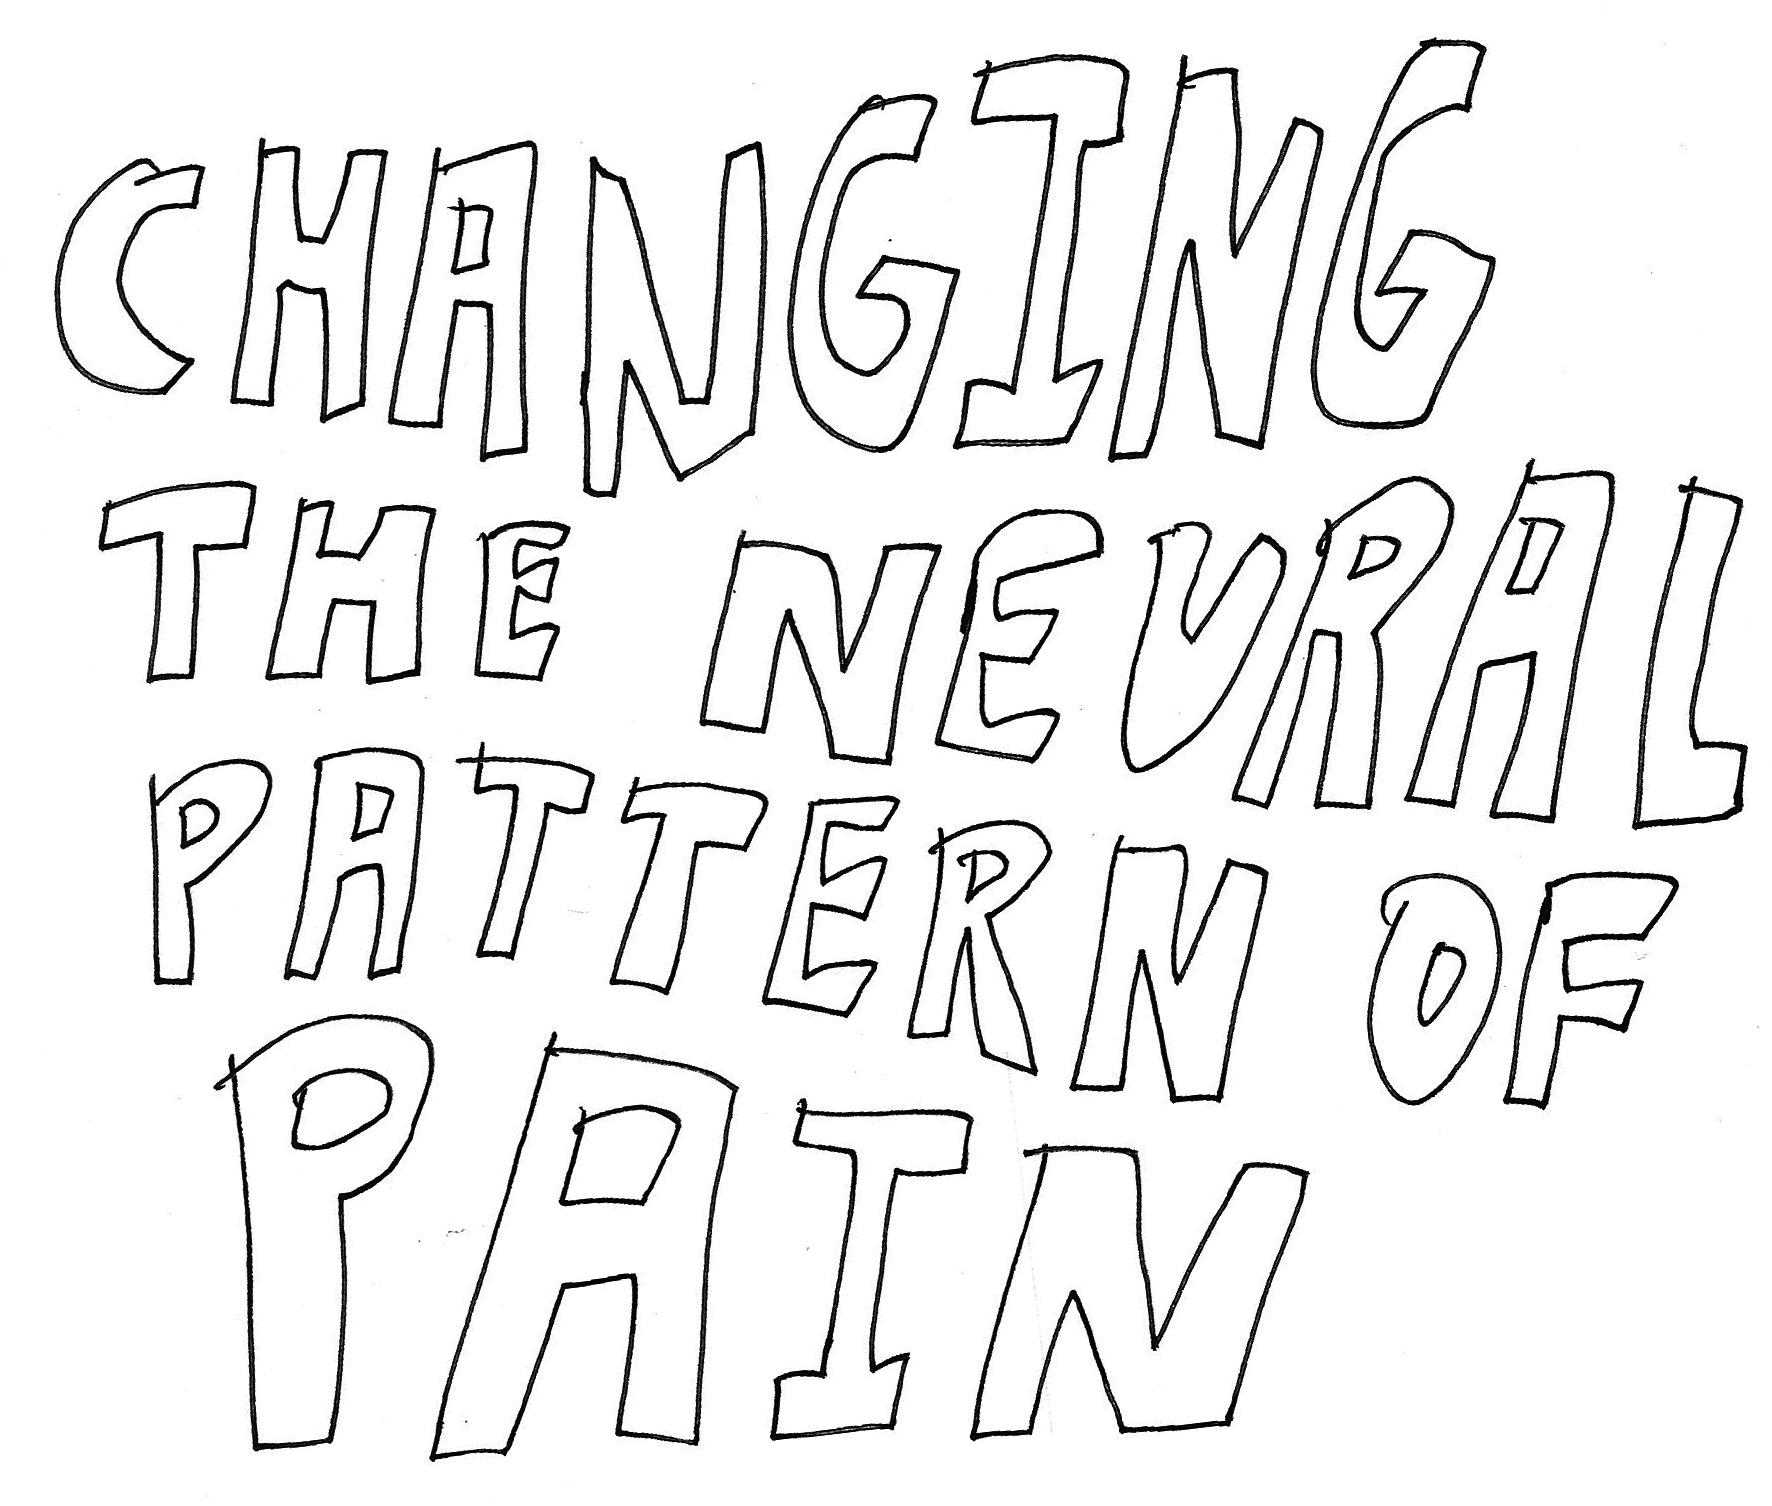 Changing neural2.jpg